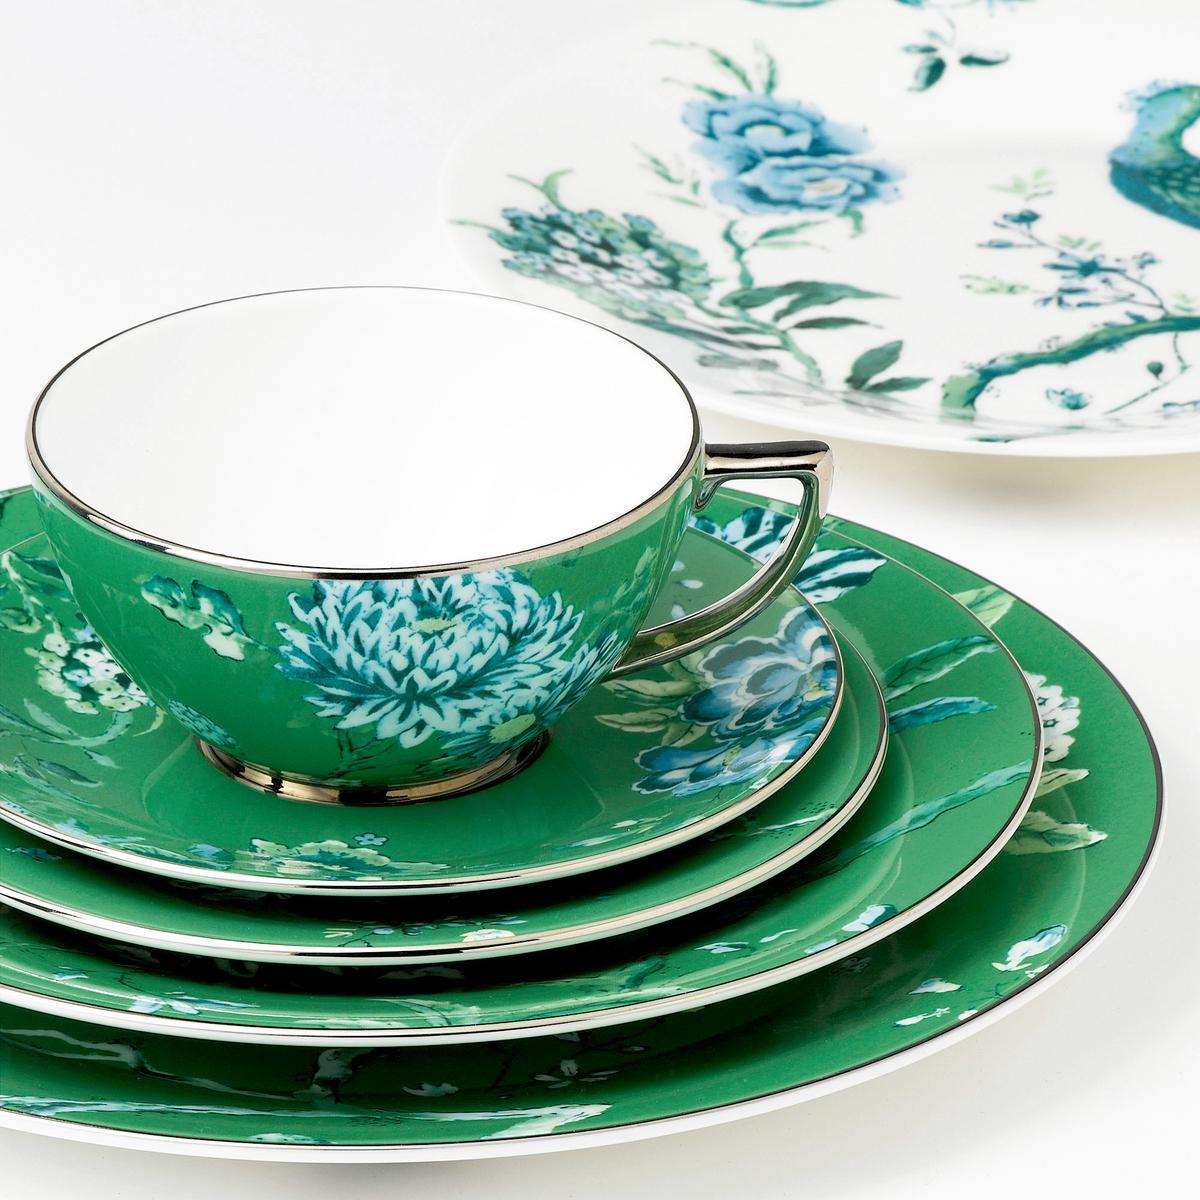 & Wedgwood Jasper Conran - Chinoiserie Green Dinnerware   Artedona.com